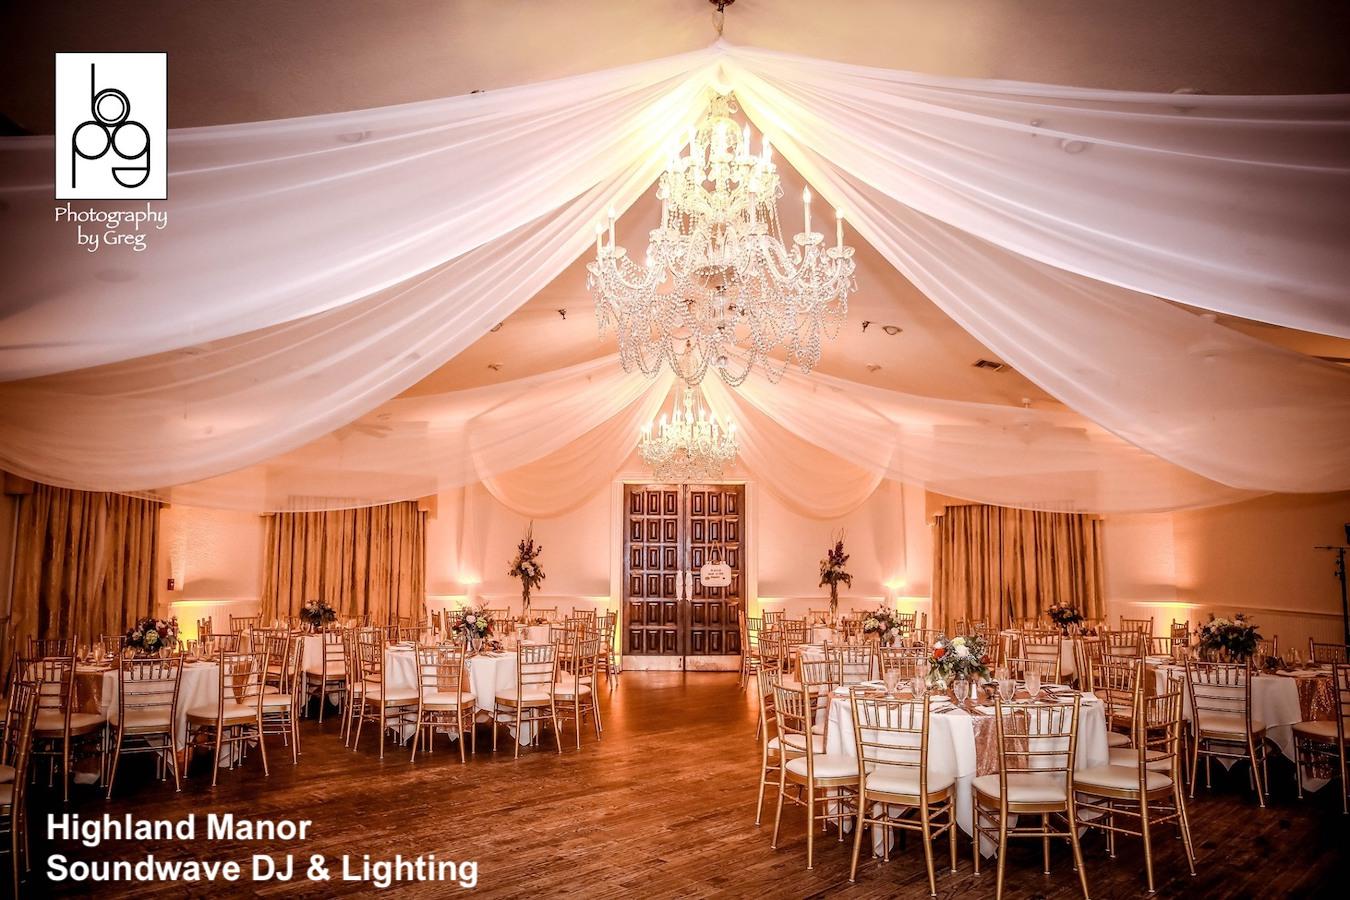 highland manor - orlando wedding venue - orlando dj - soundwave entertainment - soundwave dj